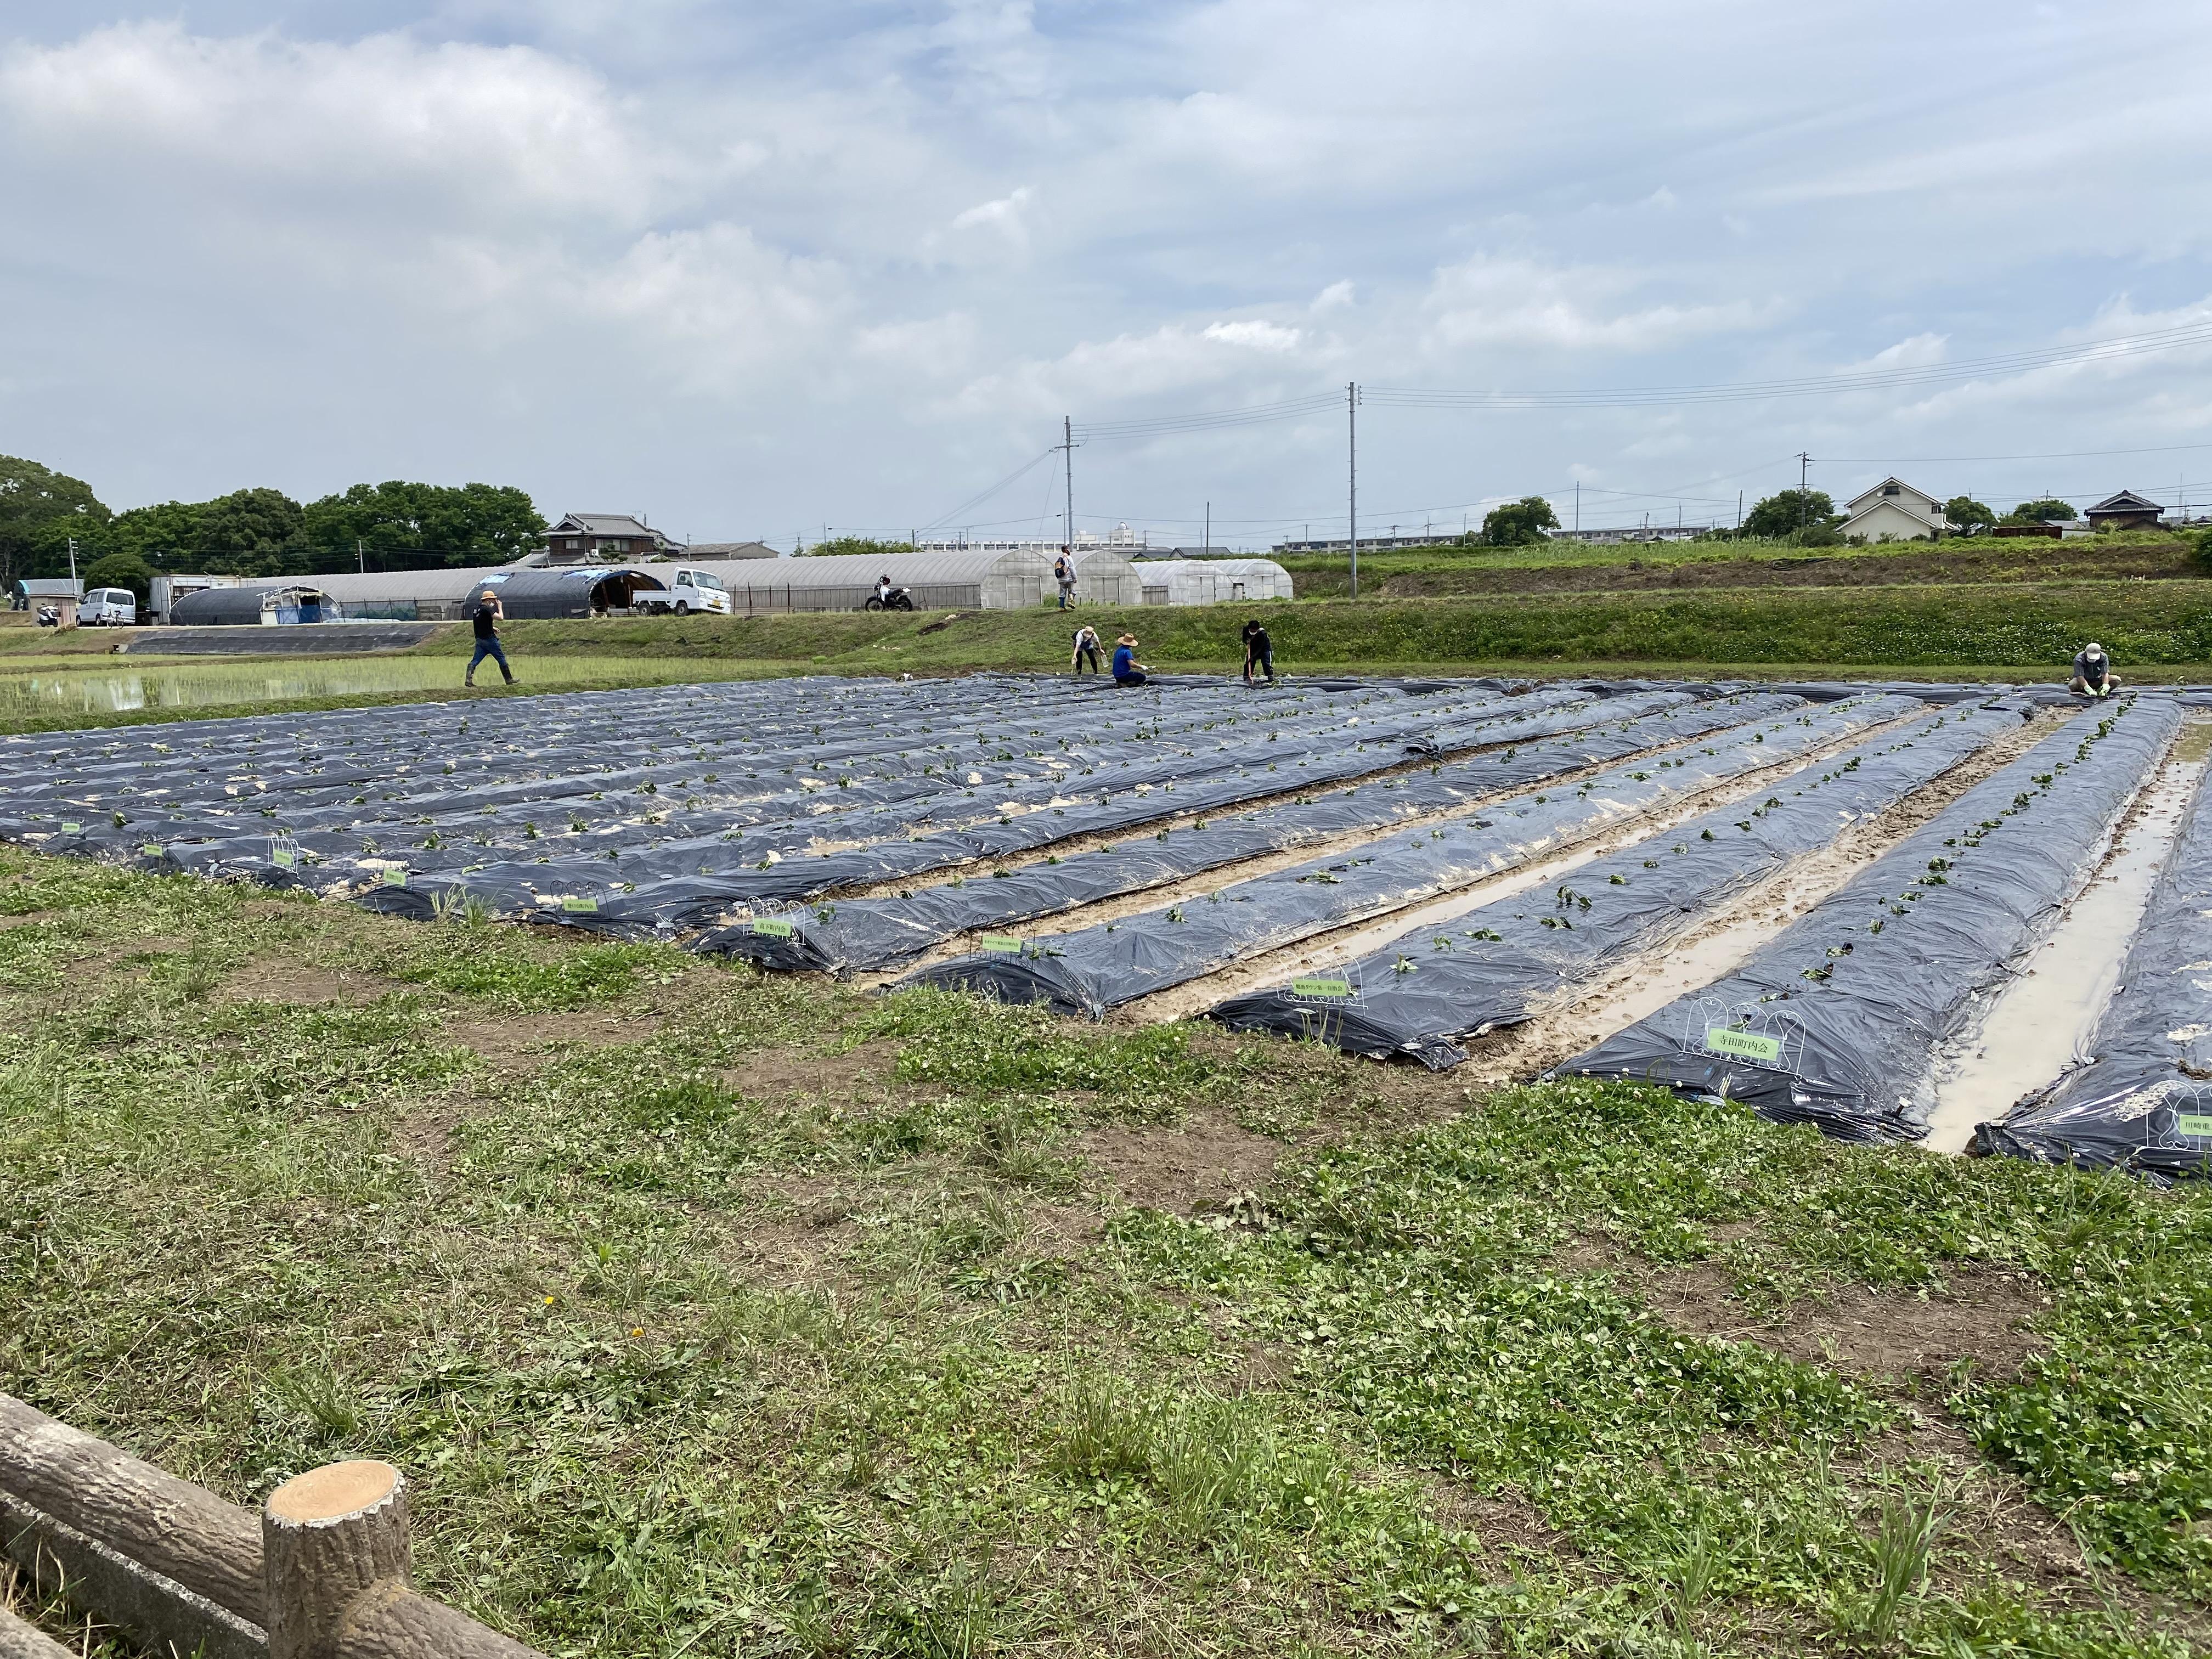 立派なさつま芋畑が完成。全部で1反弱。17町内会で植付10mに20本/1町内。1畝を2町内会に分配。加古川市北部の志方町・平荘町・上荘町は、イノシシ対策が大変です。ここは大丈夫かな。